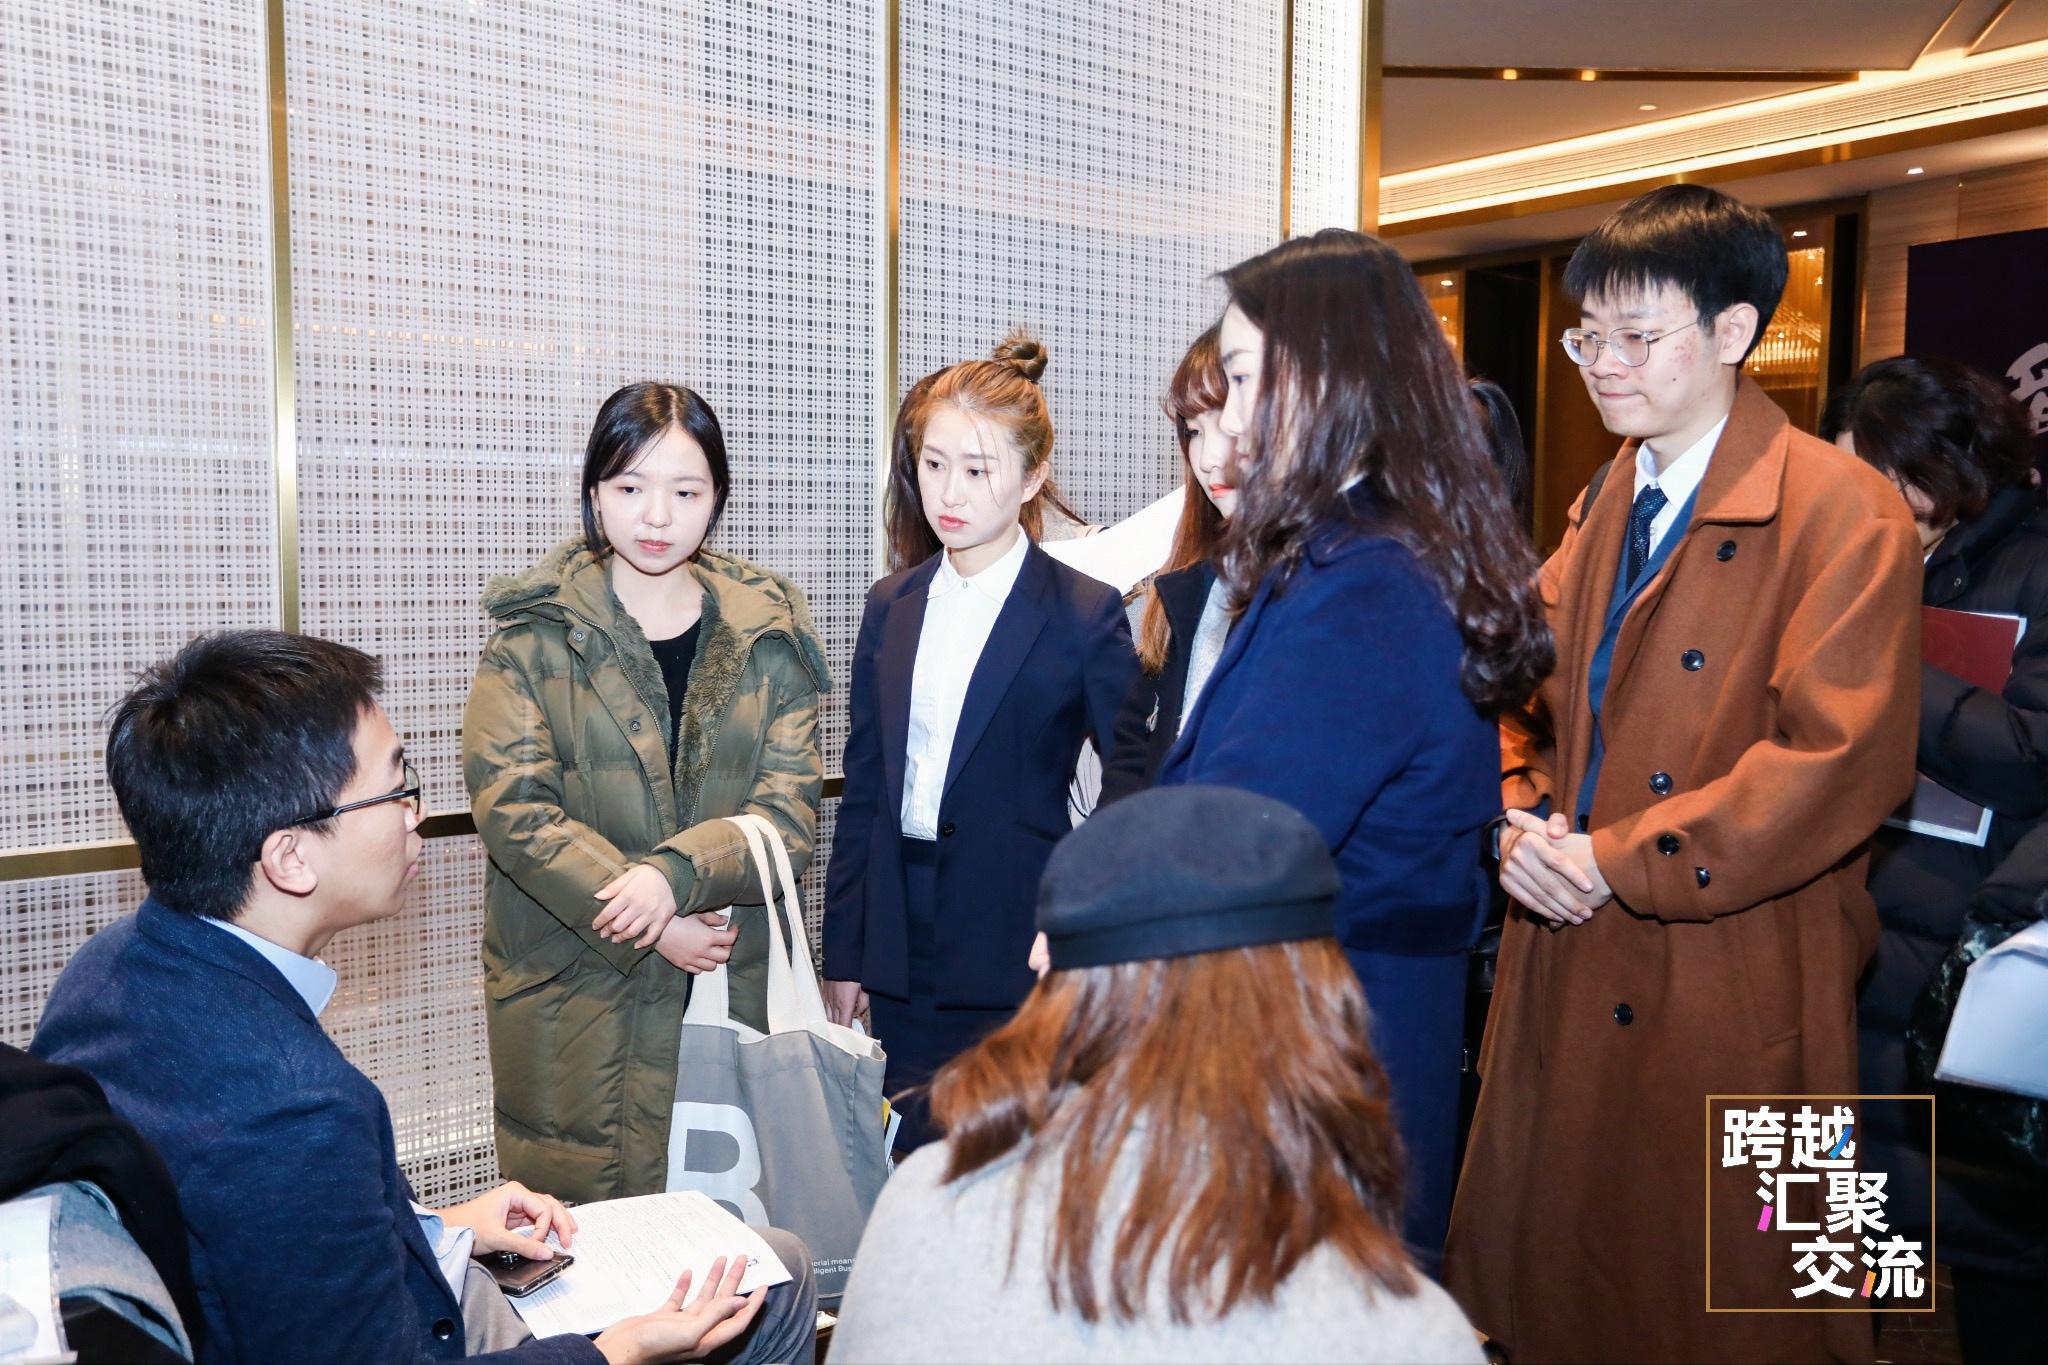 丁峰简历_华为、汇丰、特斯拉都来招聘了,两千多海外人才能否在上海